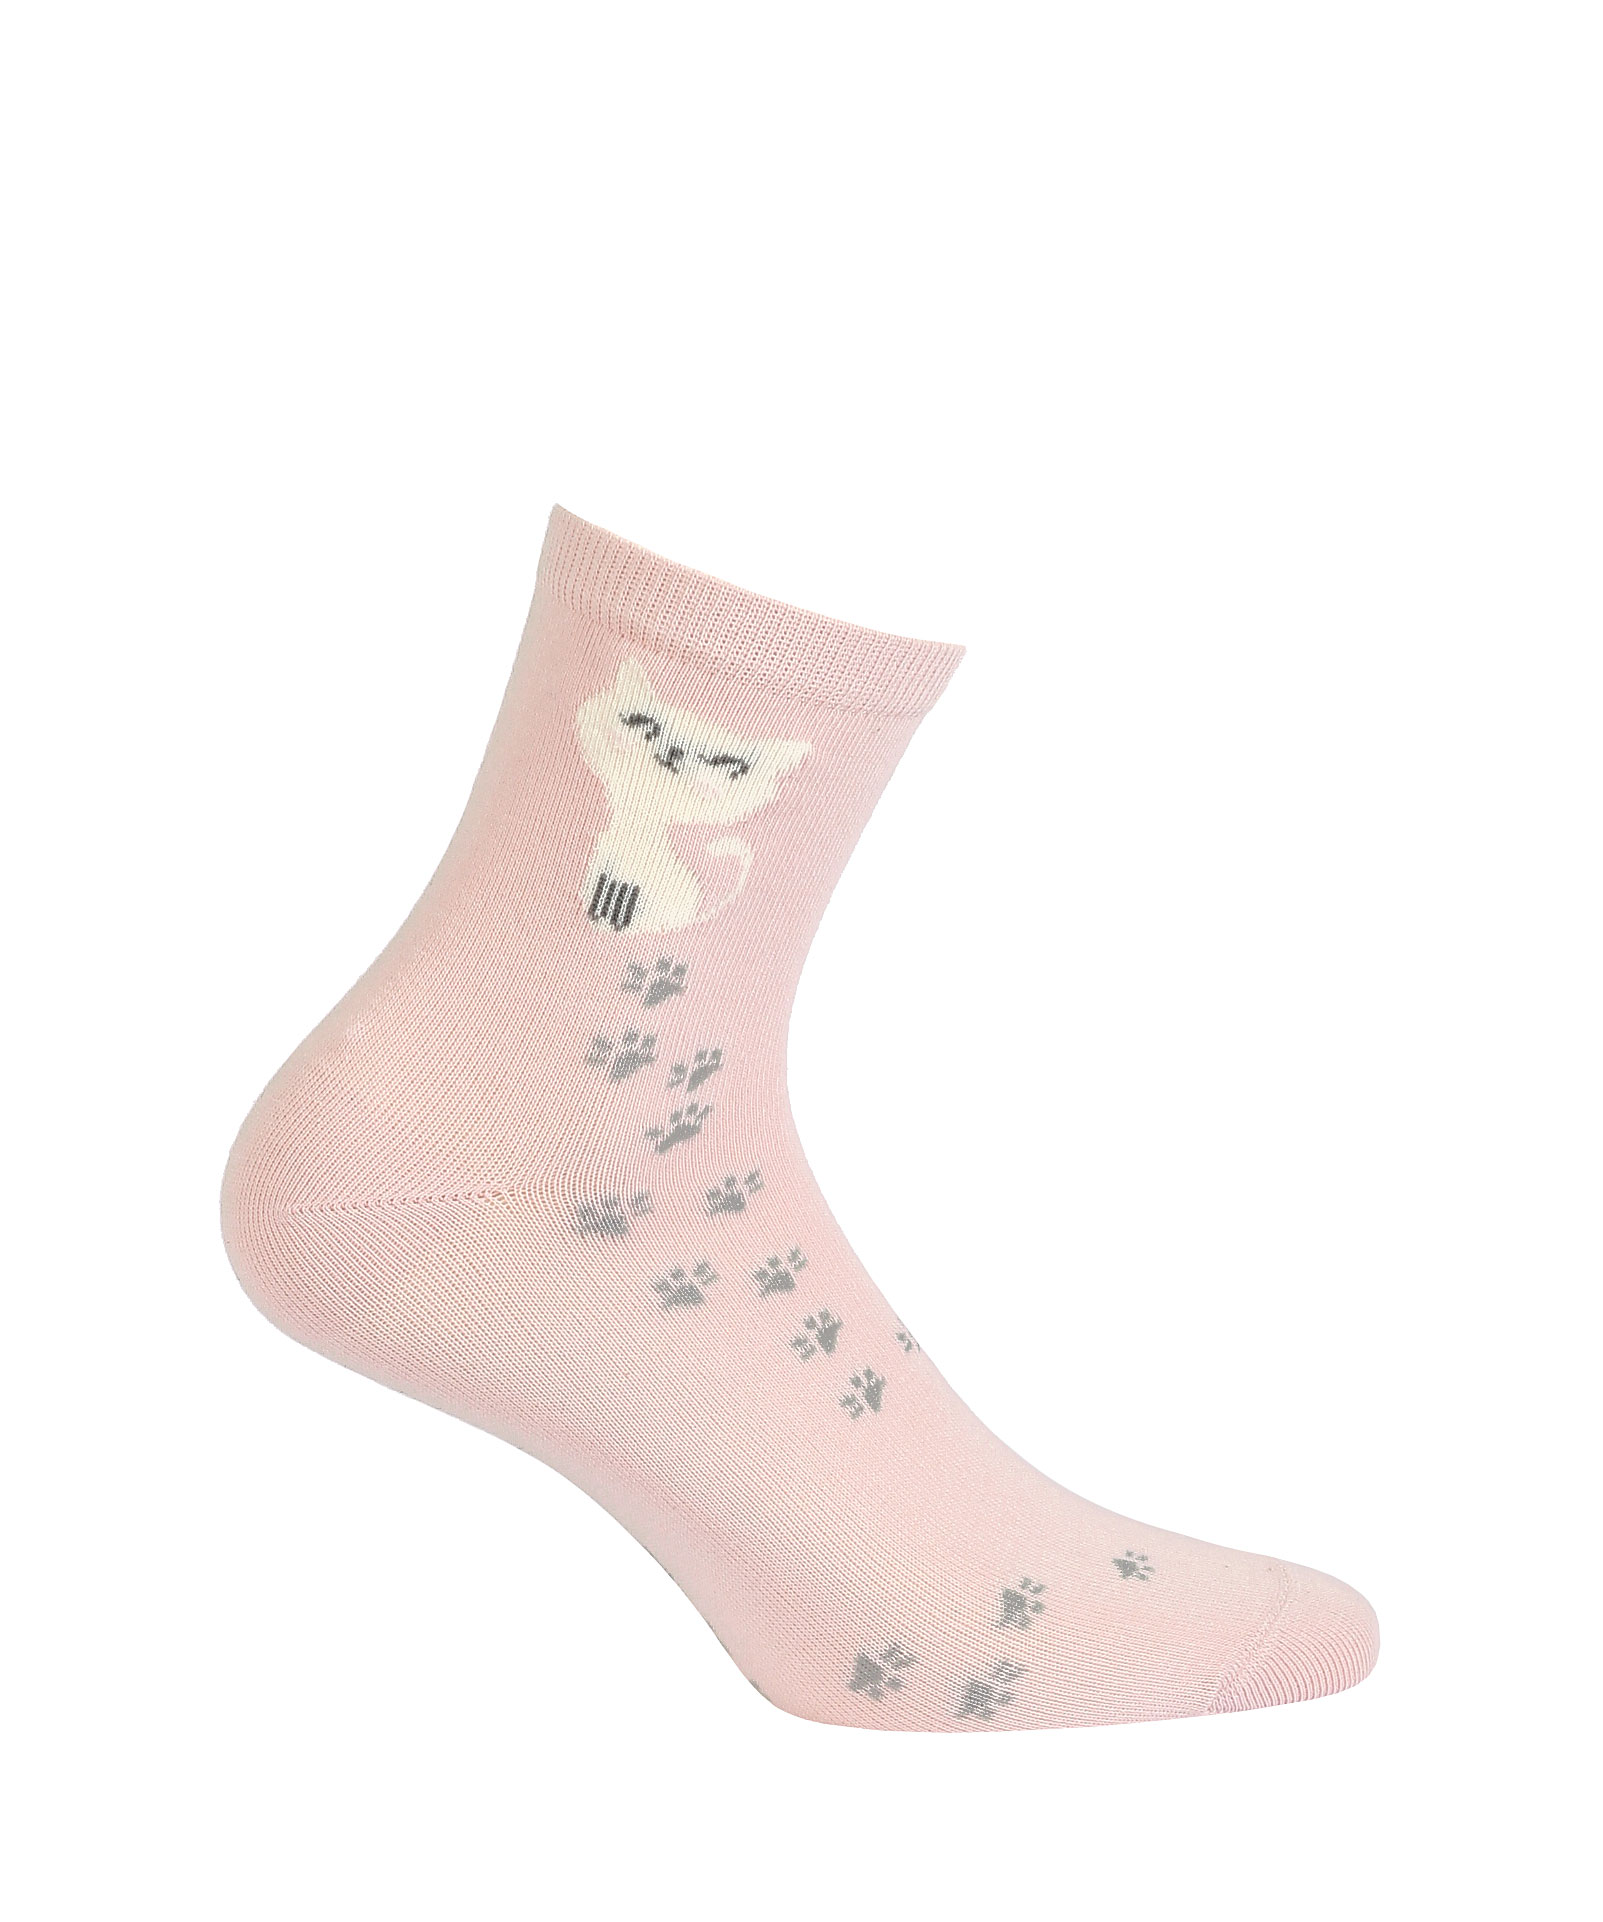 vzorované ponožky GATTA KOČIČKA růžové 39-41